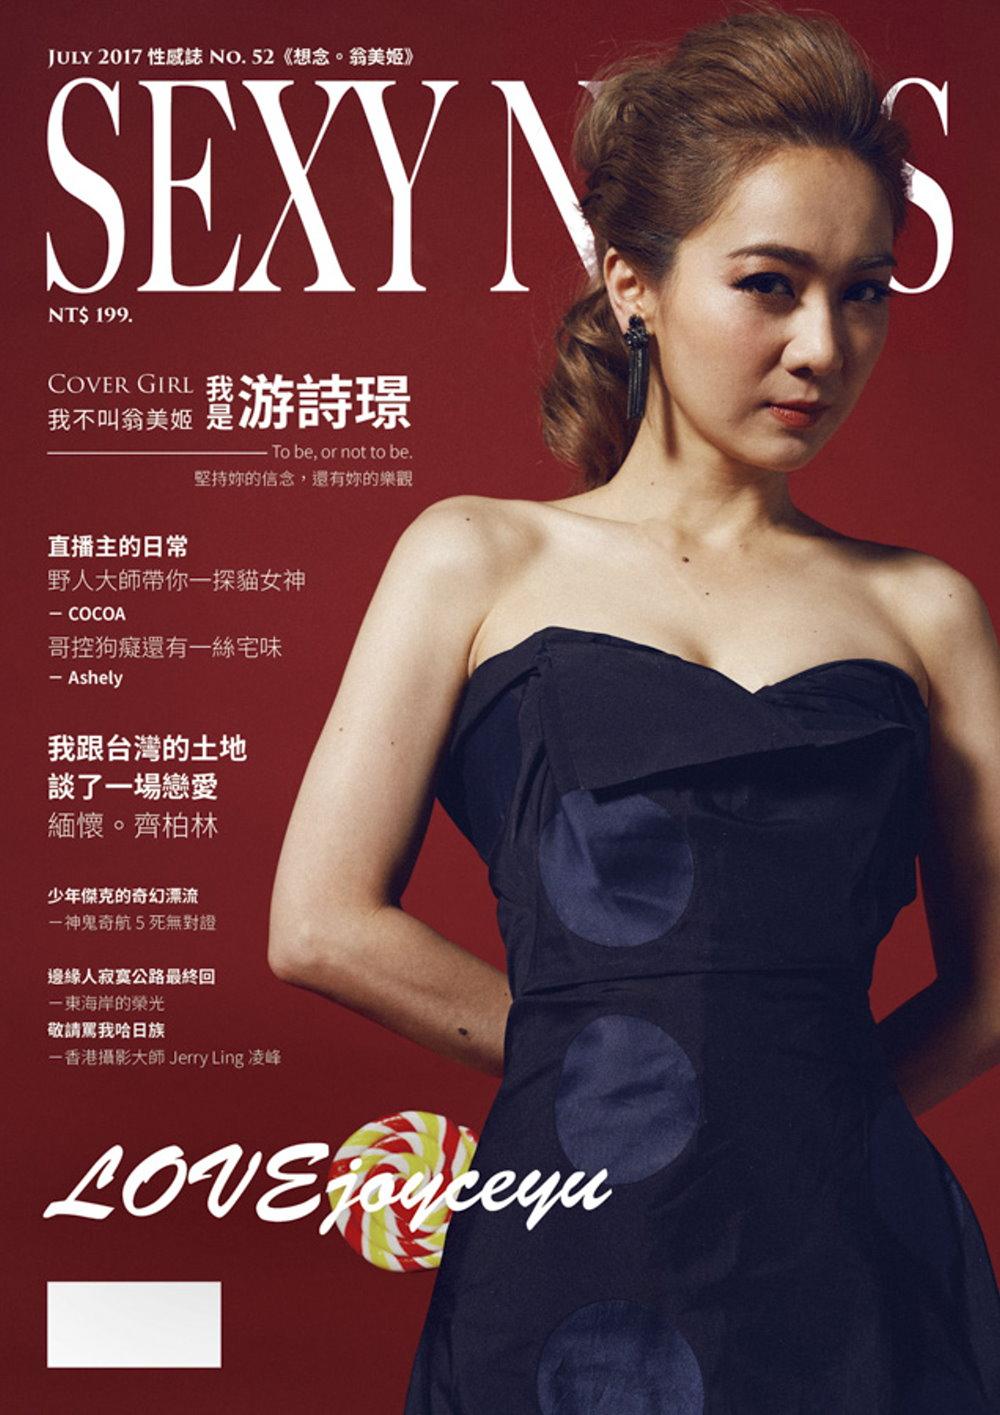 SEXY NUTS性感誌 7月號/2017第52期 B款